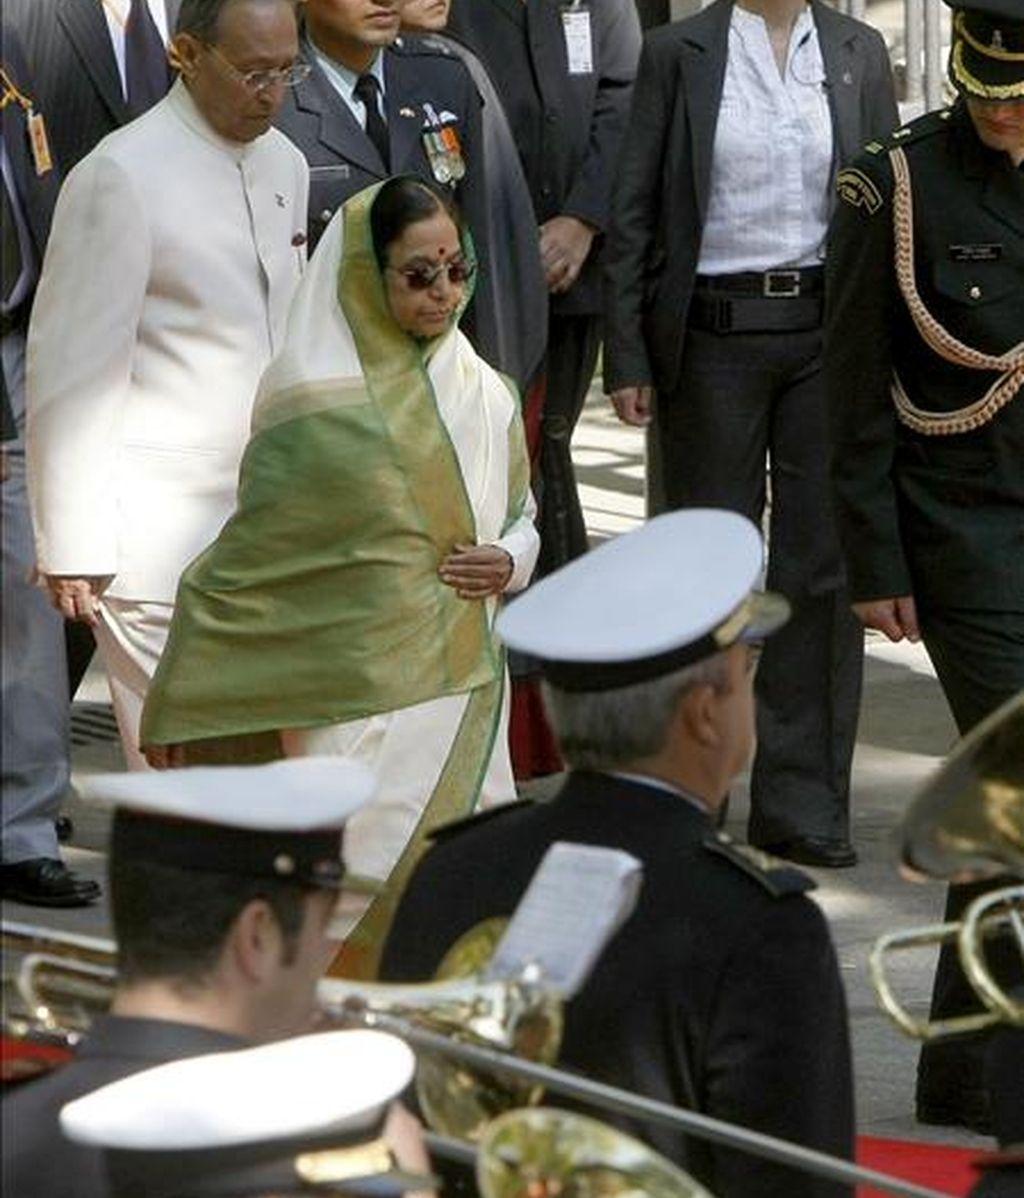 La presidenta de la India, Pratibha Patil, que comenzó hoy la agenda de actos de su visita oficial a España, acompañada de su esposo, Devi Singh Shekhawat, durante su participación en un homenaje a los que dieron la vida por la patria, en la Plaza de la Lealtad. EFE